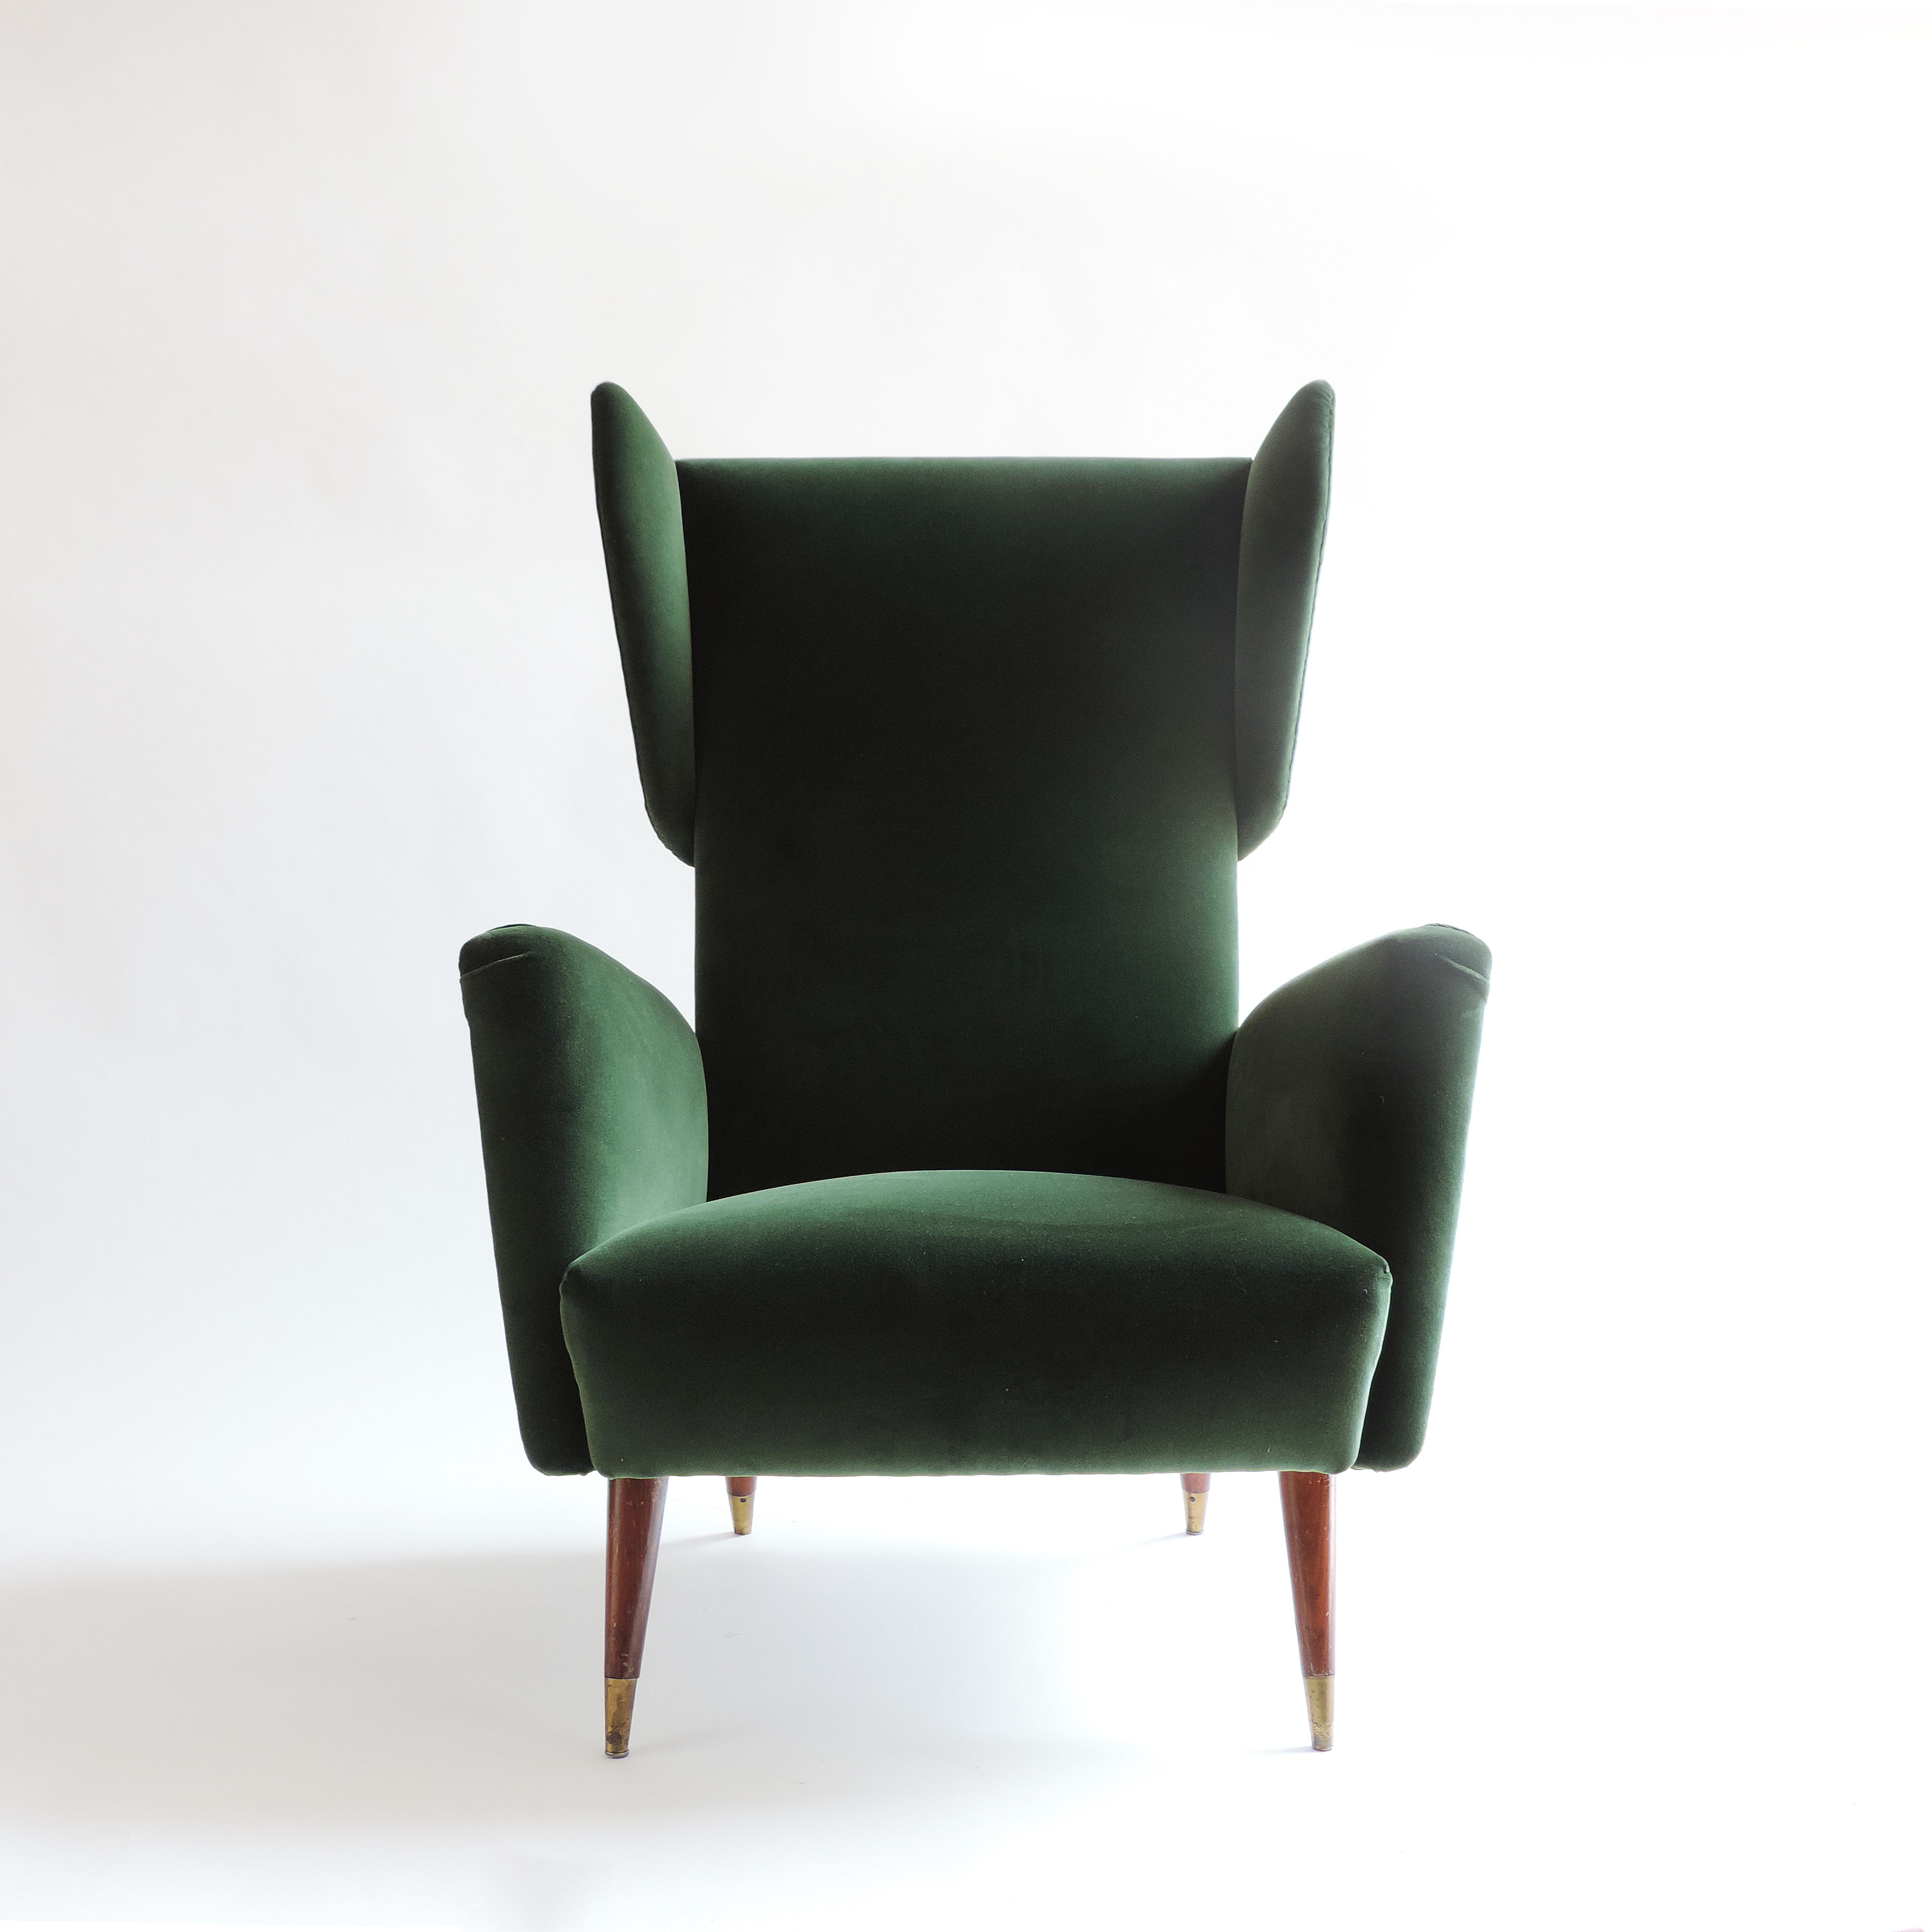 gio ponti, cassina, interior design, italian design, design masters